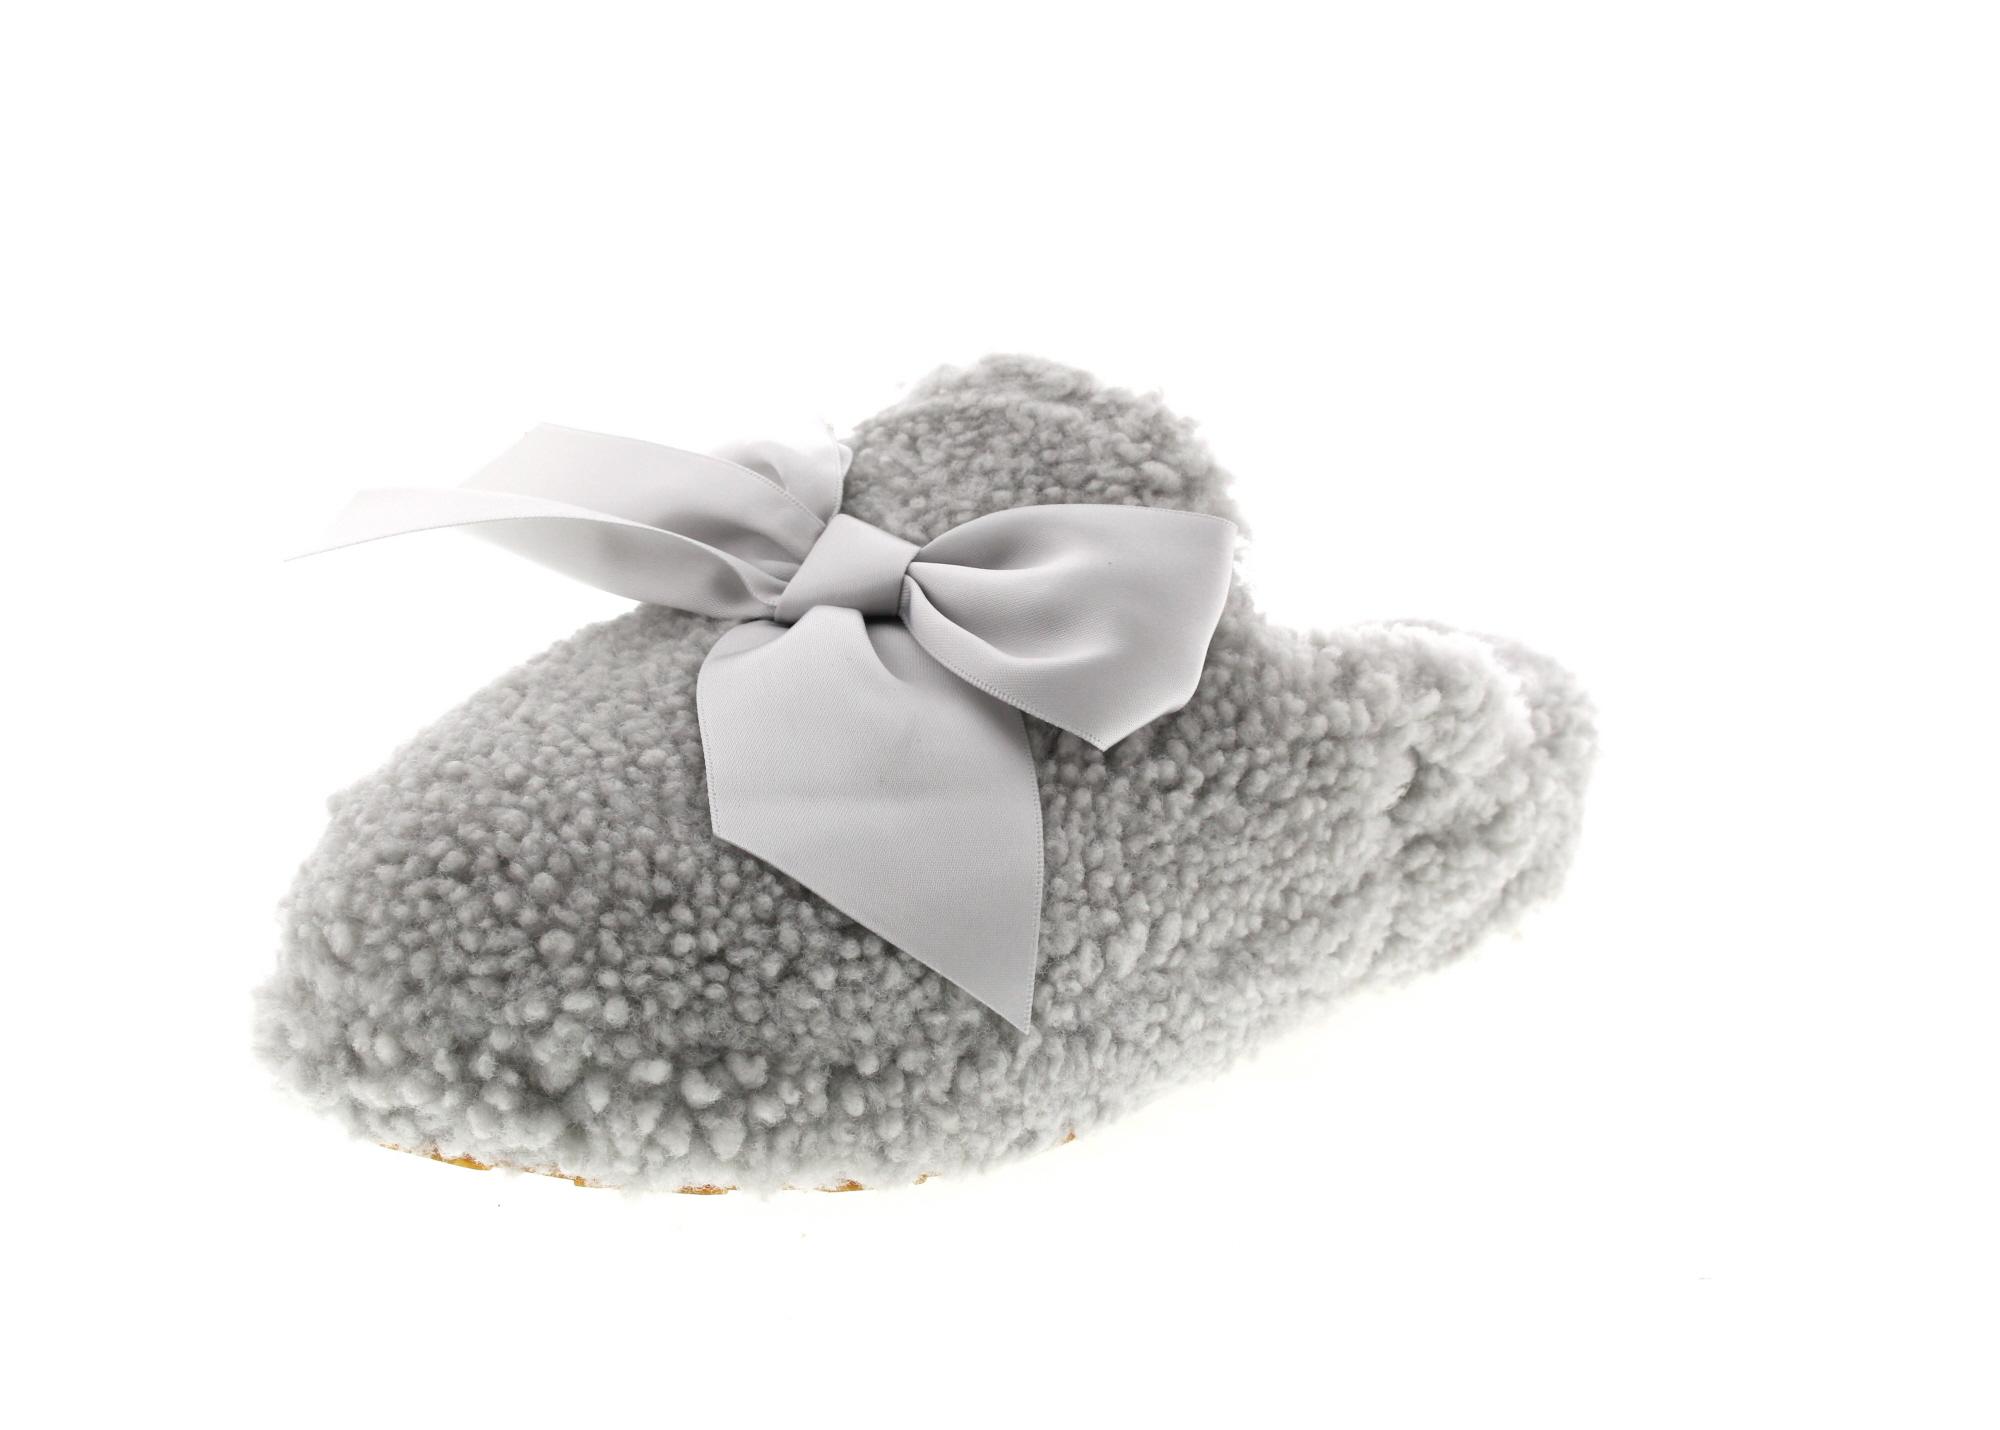 UGG Damenschuhe - Hausschuhe ADDISON - grey violet_0